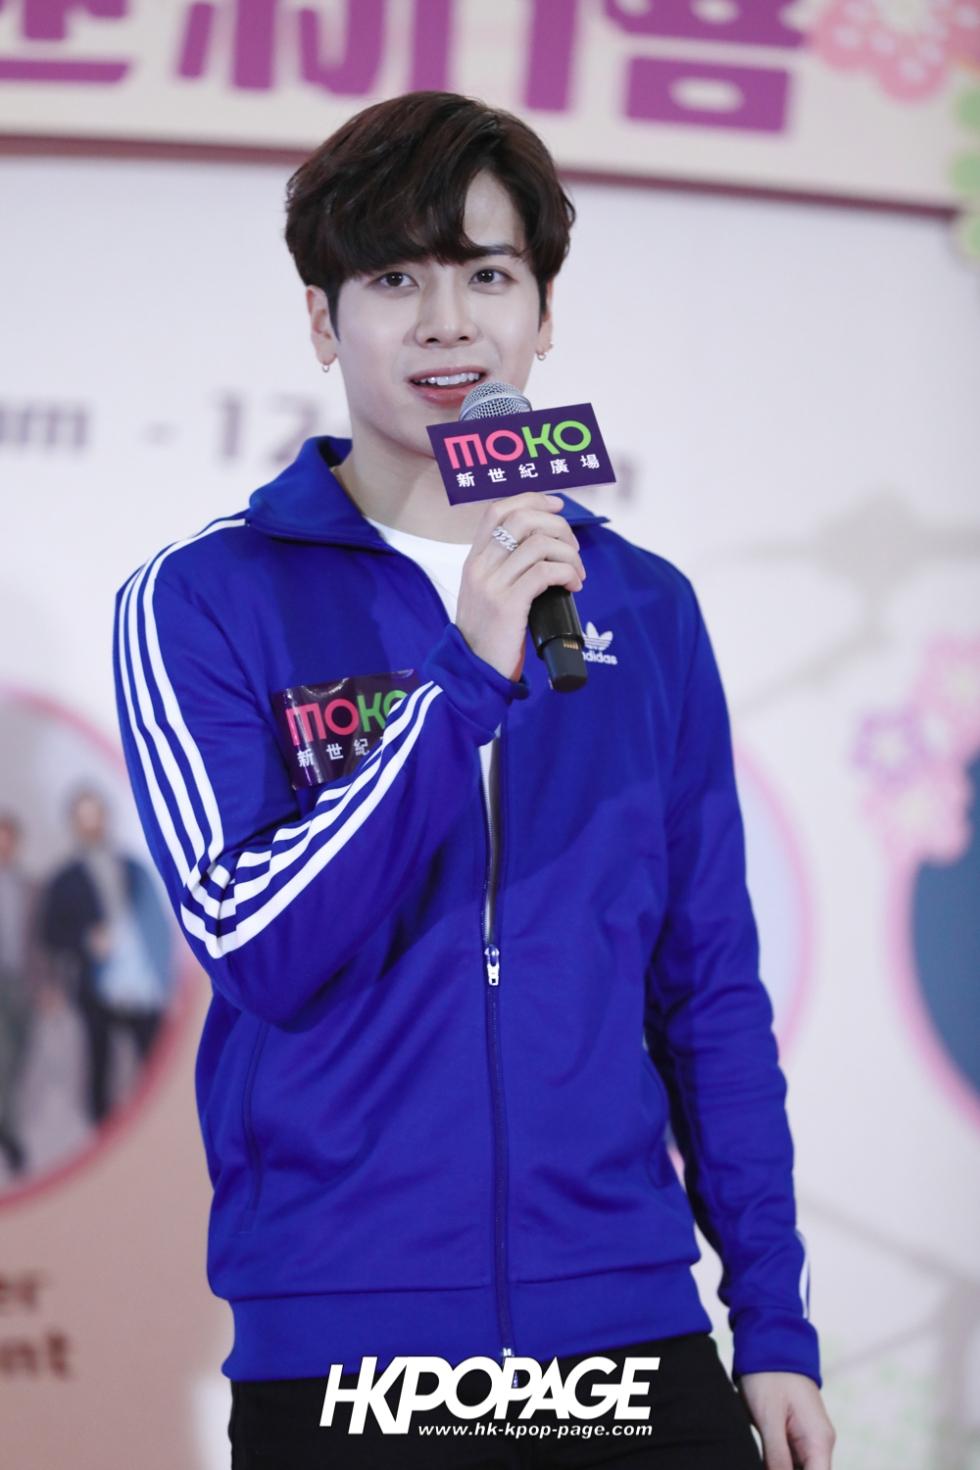 [HK.KPOP.PAGE] 180215_Jackson Wang MOKO Countdown Event_05